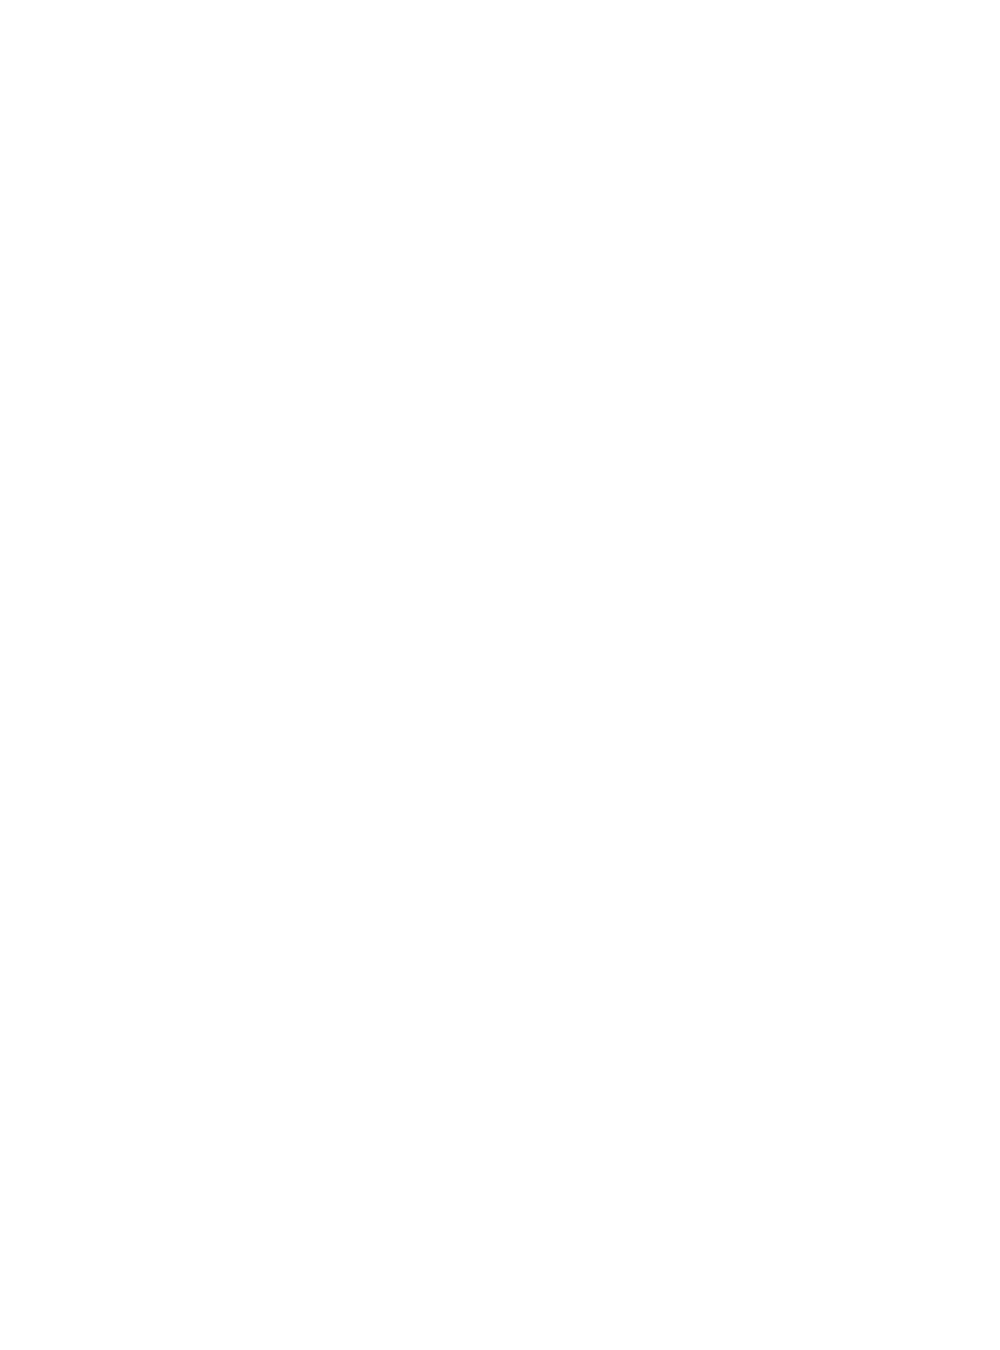 Kreativ lehren und lernen mit Comics - Das Comic-Labor - Holger ...